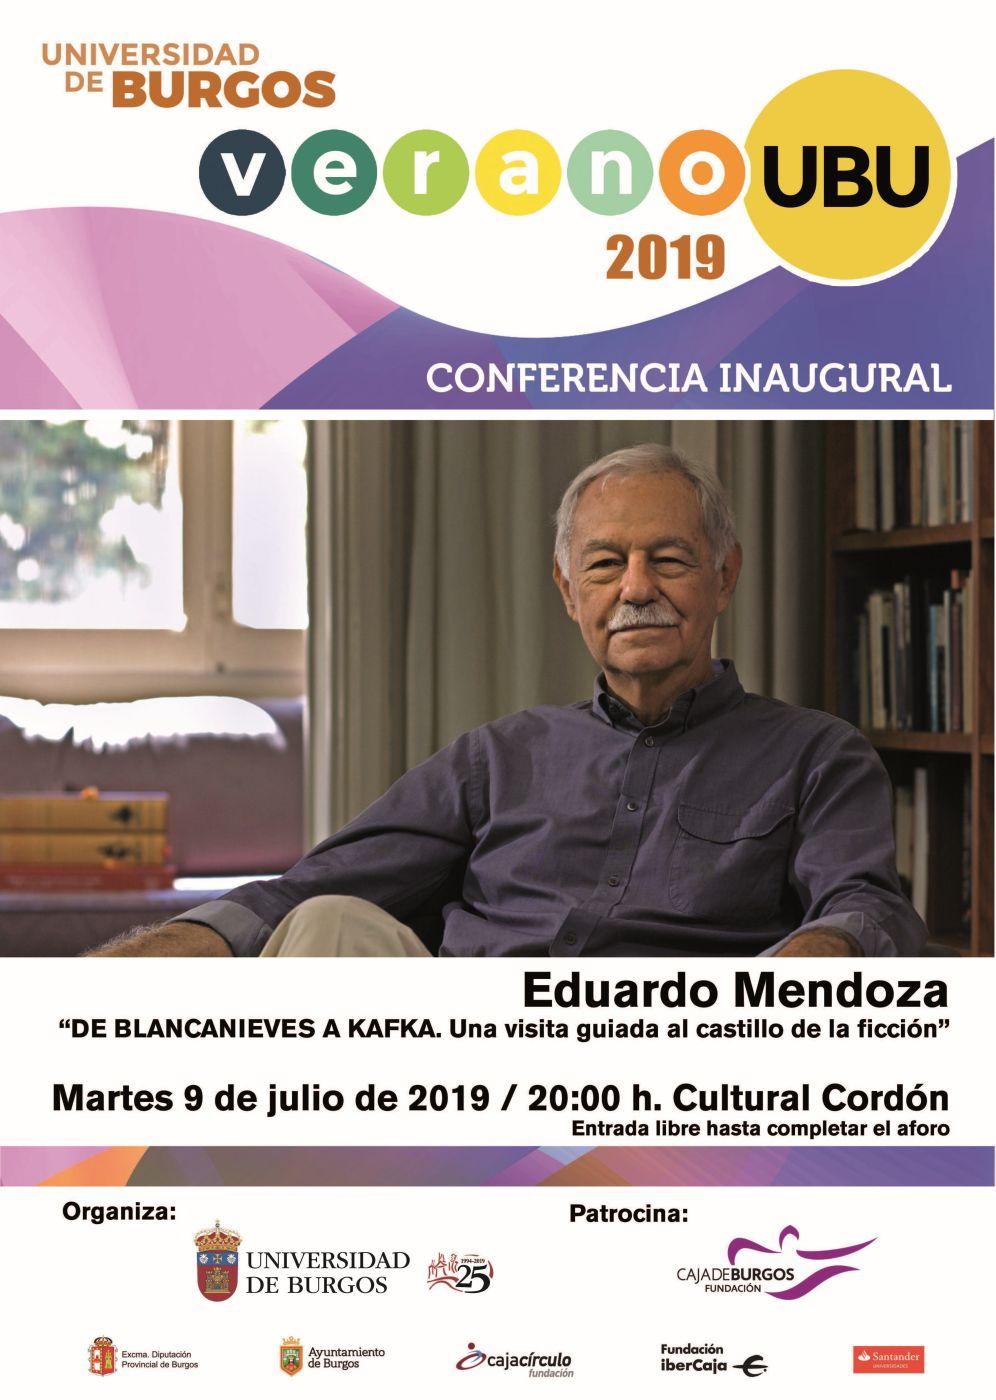 Conferencia inaugural de los Cursos de Verano. Eduardo Mendoza